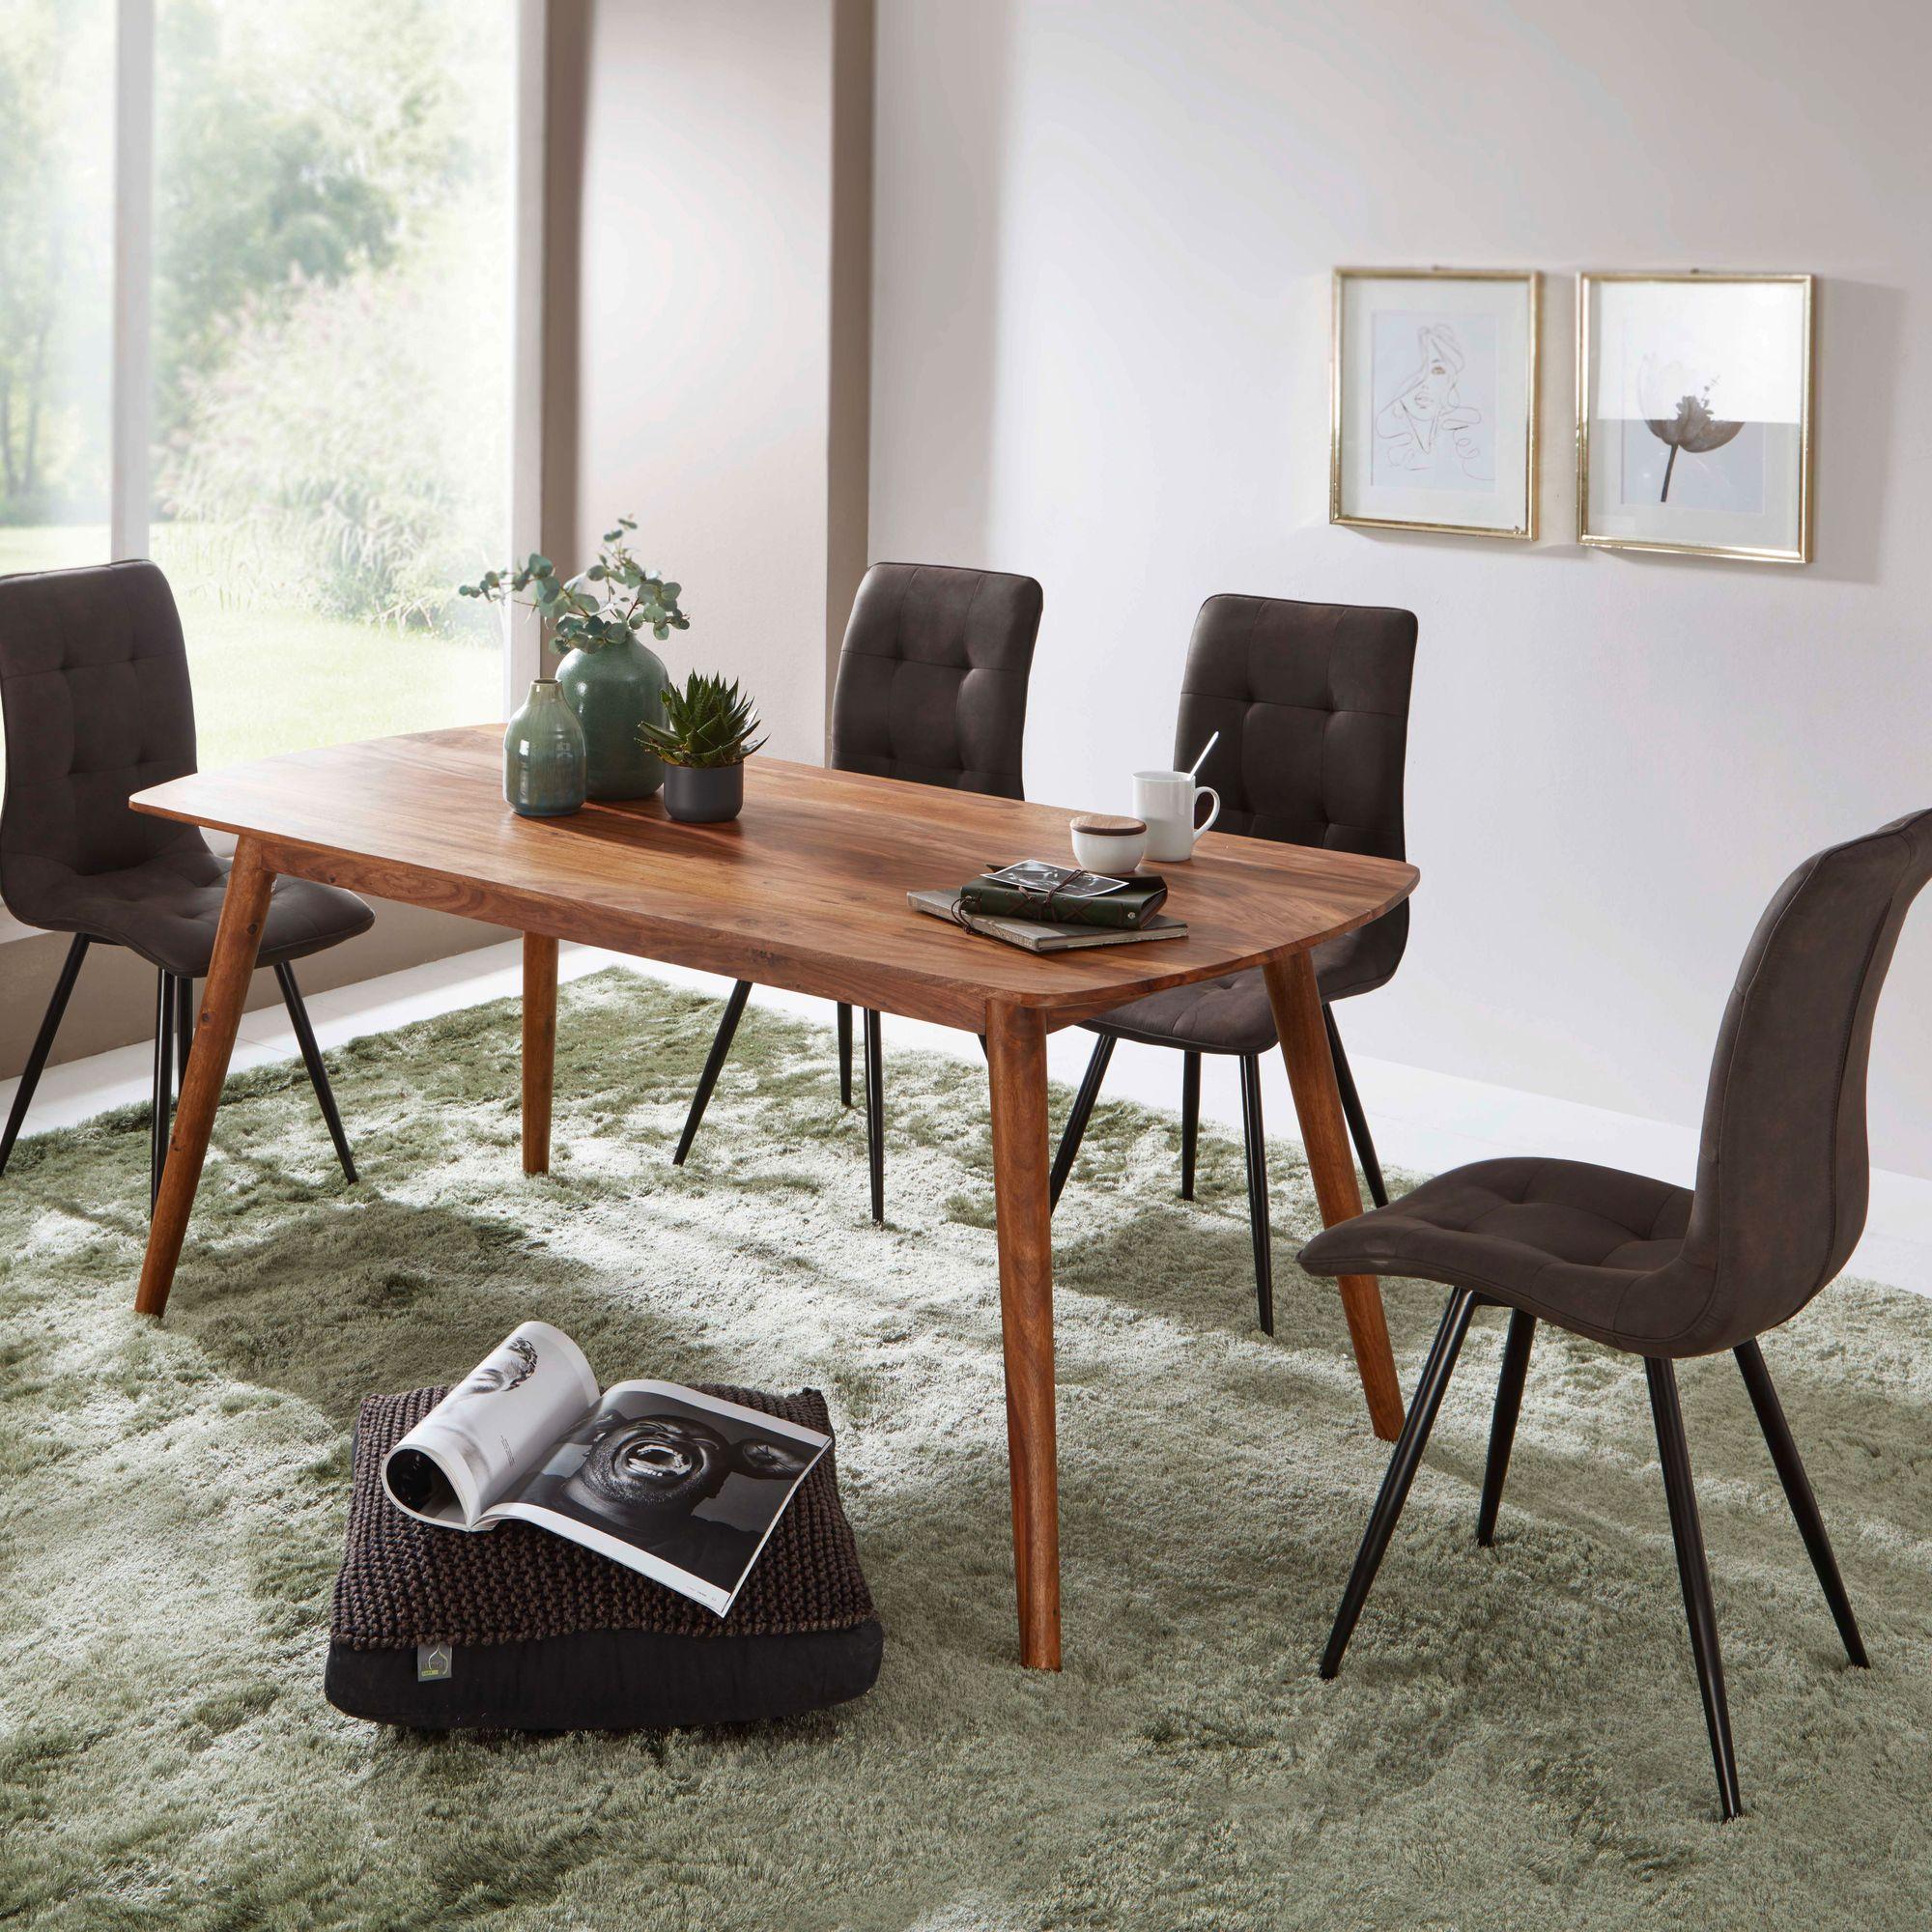 Küchentisch Stühlen Mit Holz Massiv 180cm Esszimmertisch Set Sheesham 4 Esstisch LRAj543